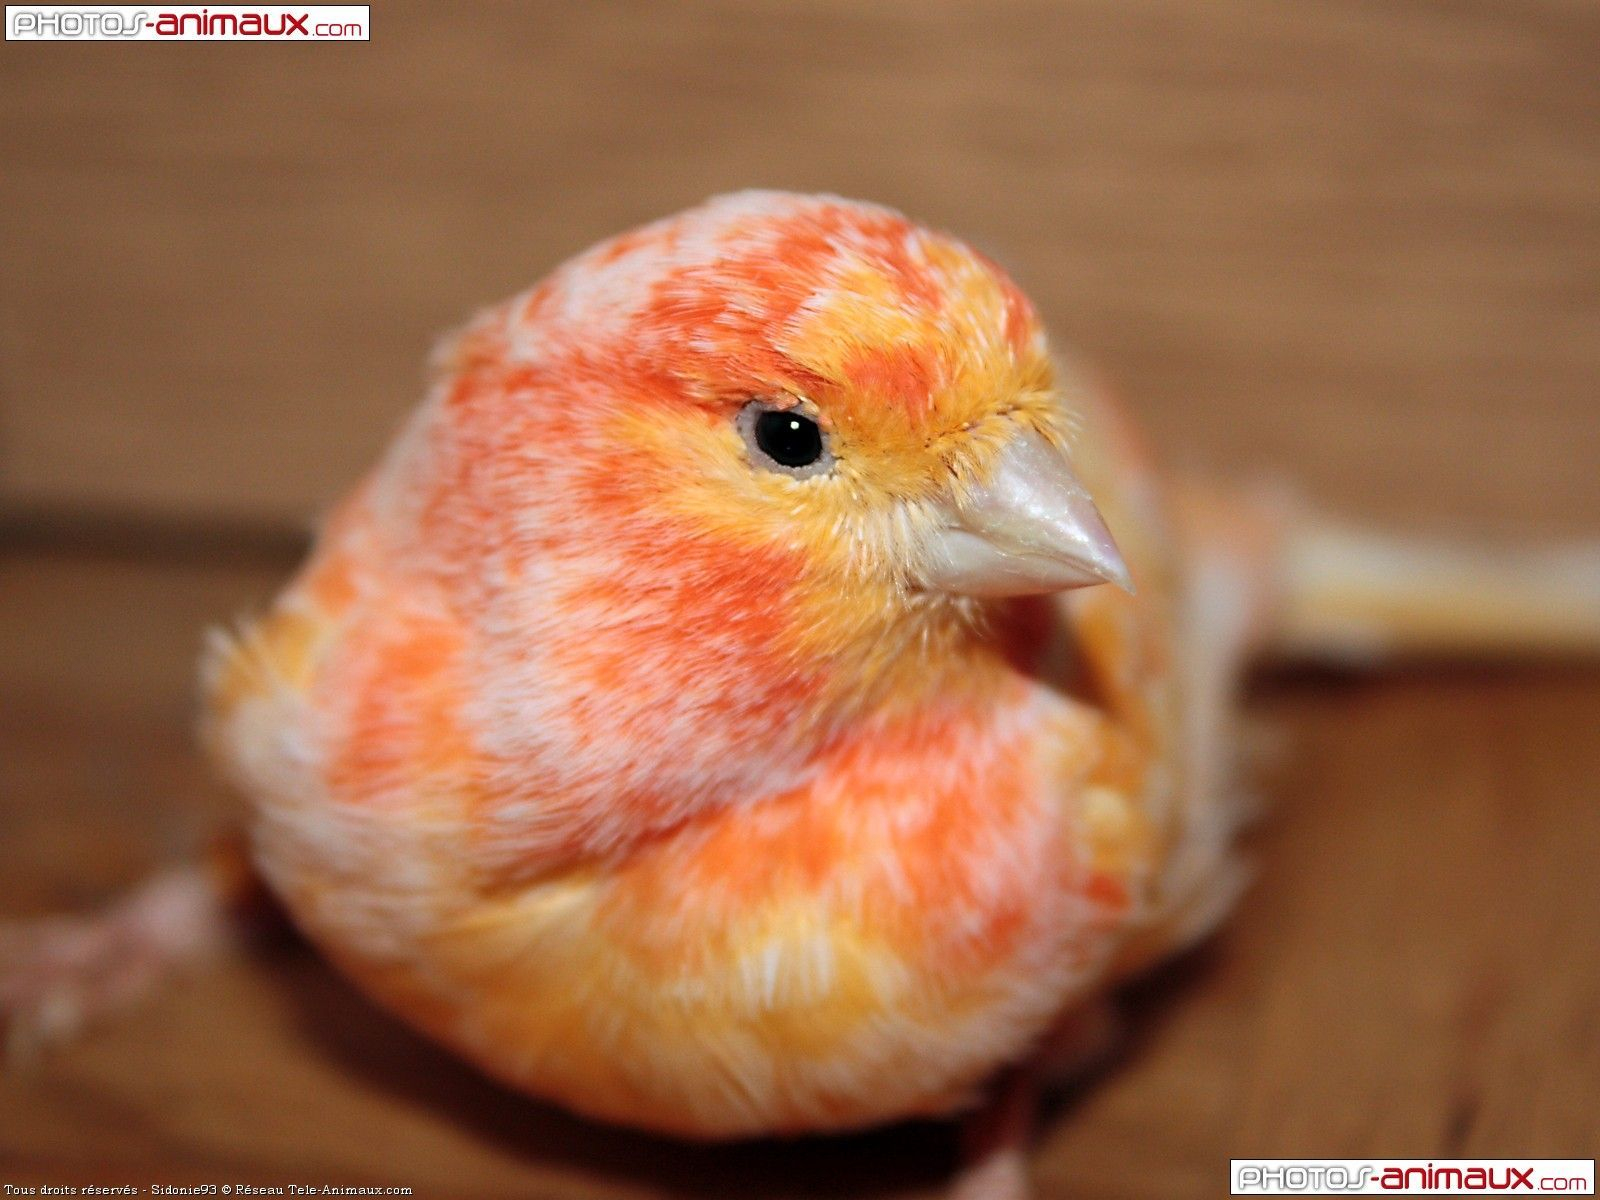 Canaries Oiseaux | Fond D'écran Gratuit D'oiseaux Canari concernant Images D Oiseaux Gratuites